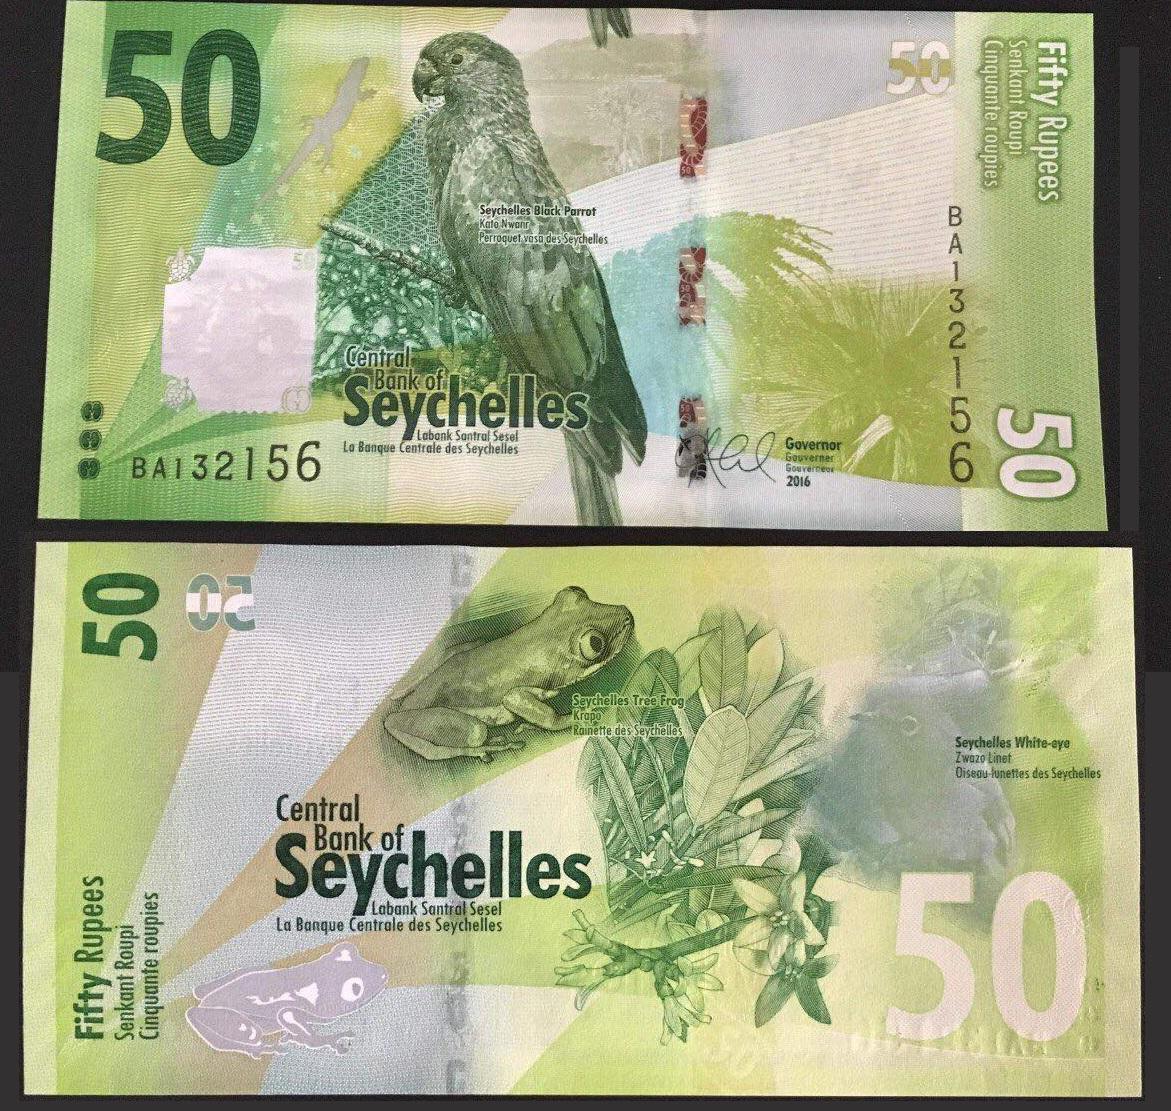 50 Ru Pi (rupee) tiền Seychelles, phát hành năm 2016